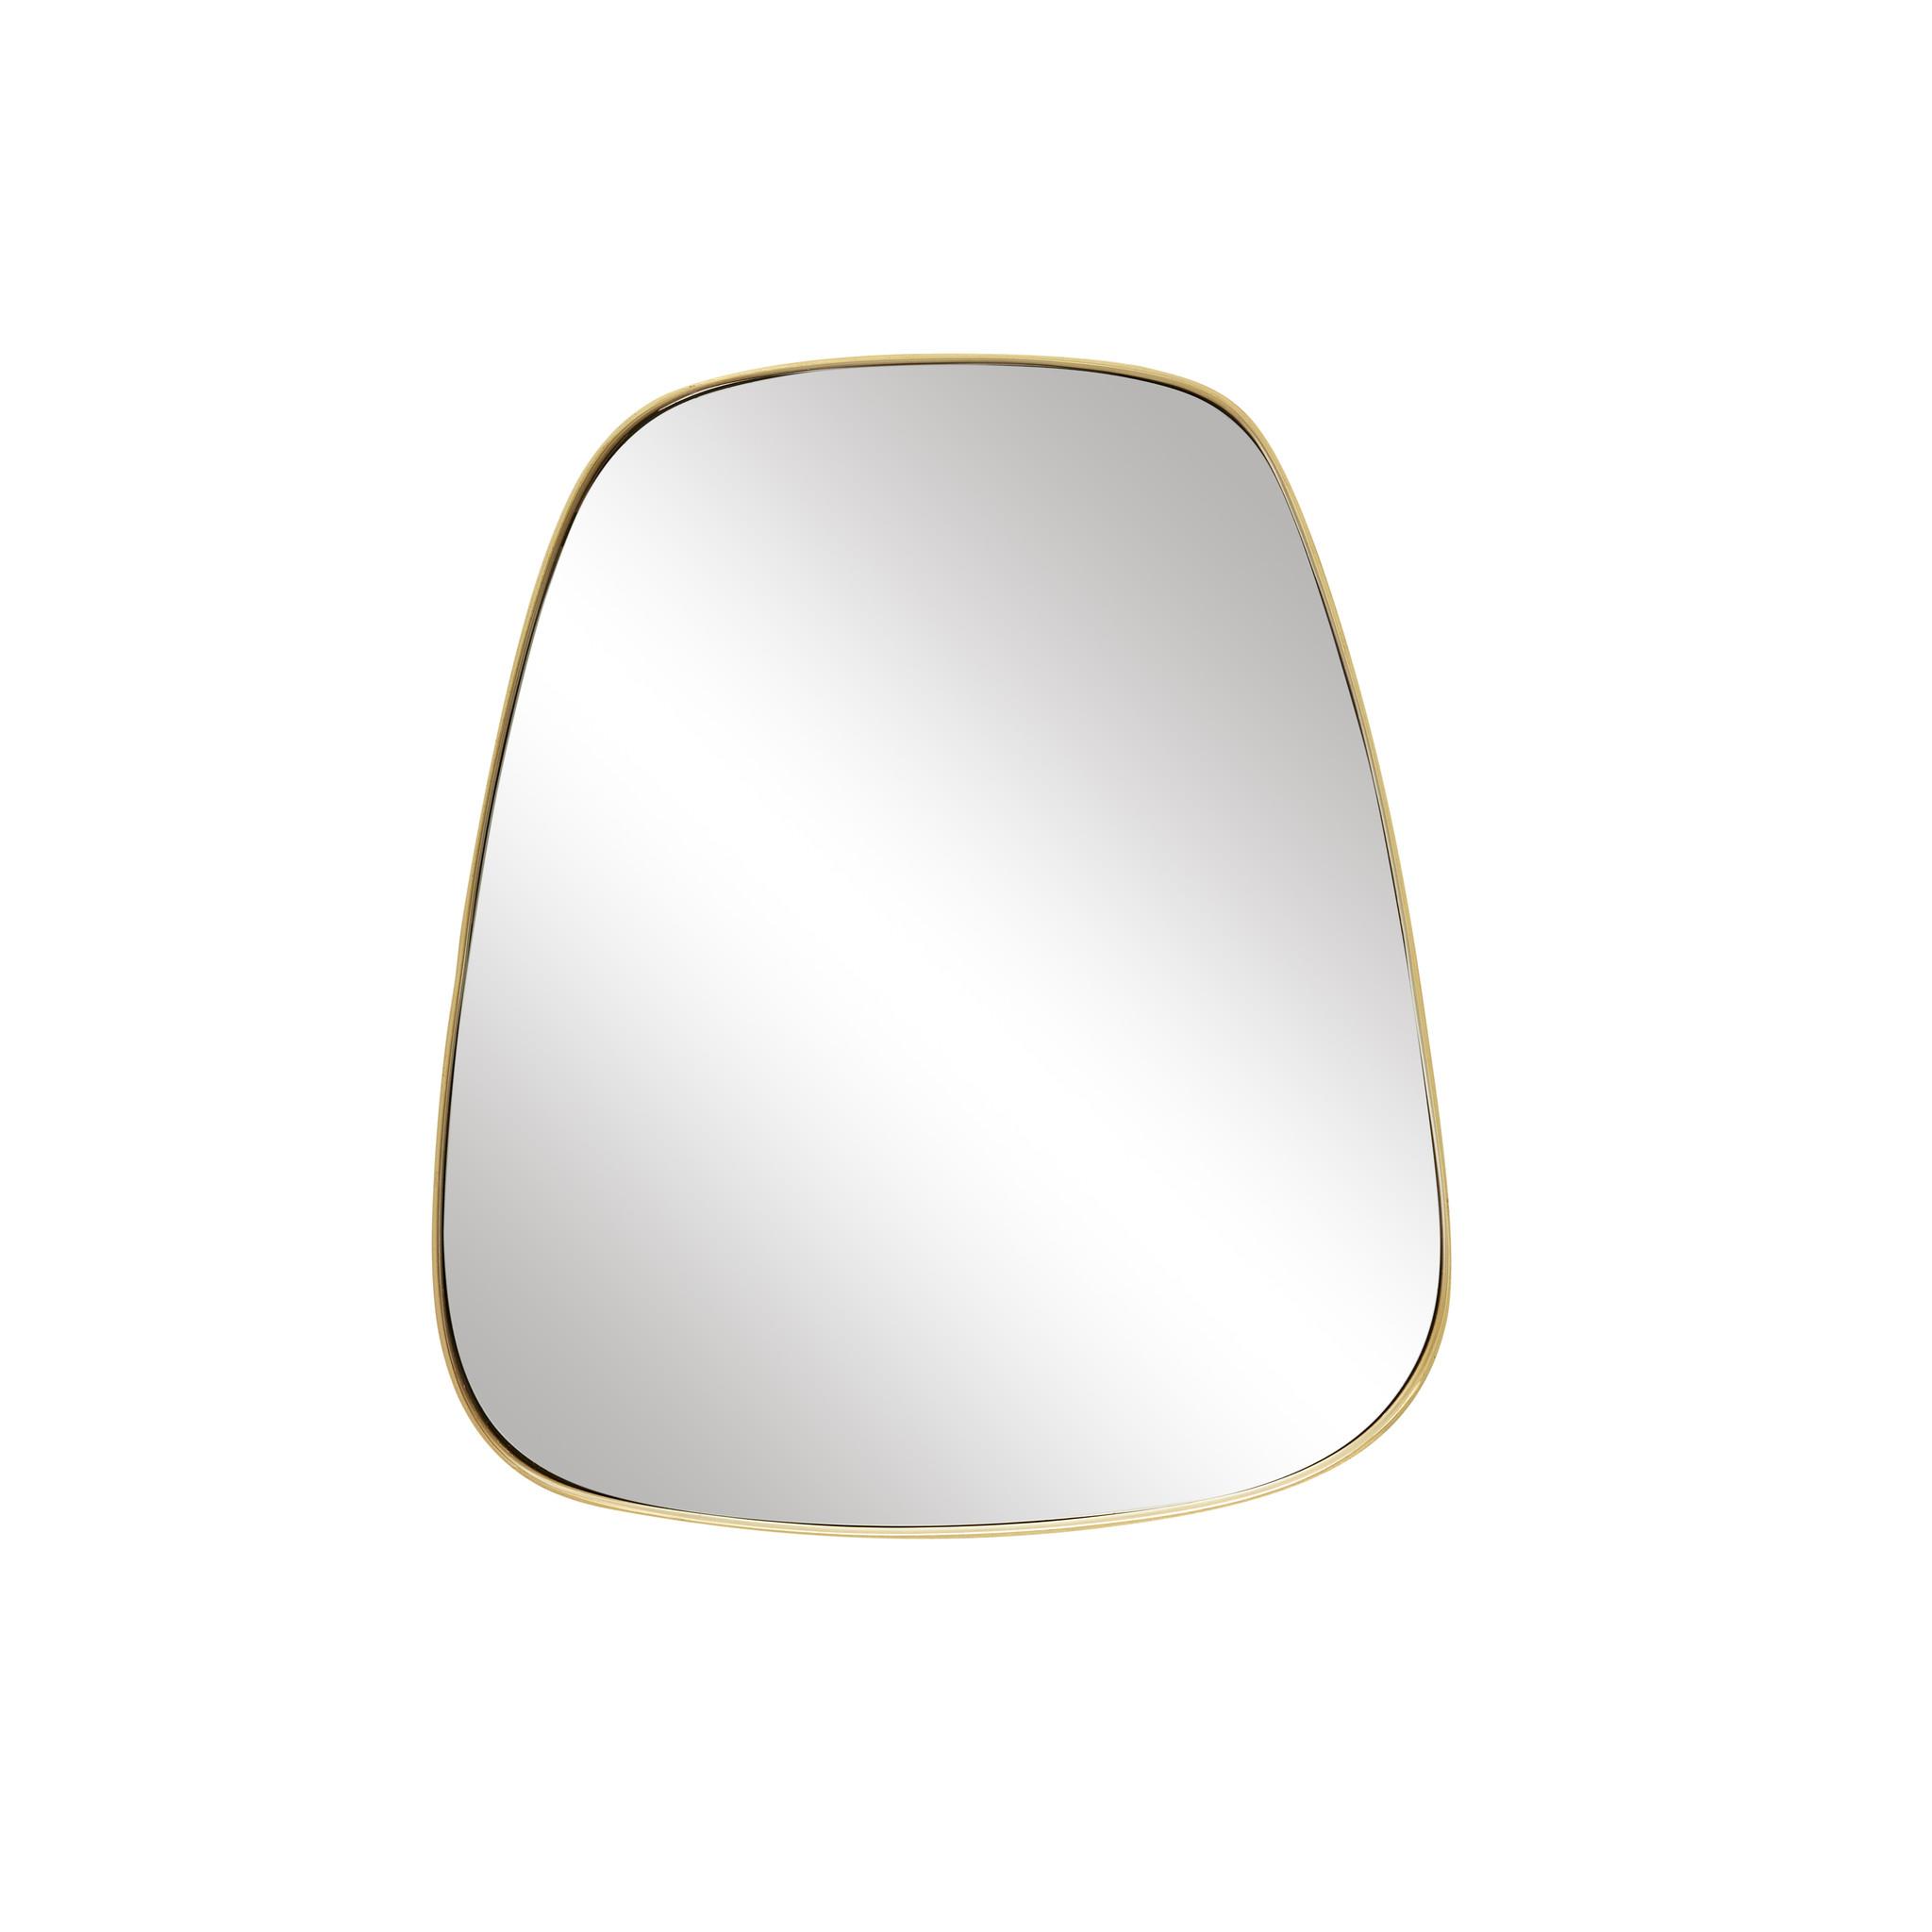 Hubsch Wandspiegel met messing frame, vierkant, trapezium-340502-5712772052075